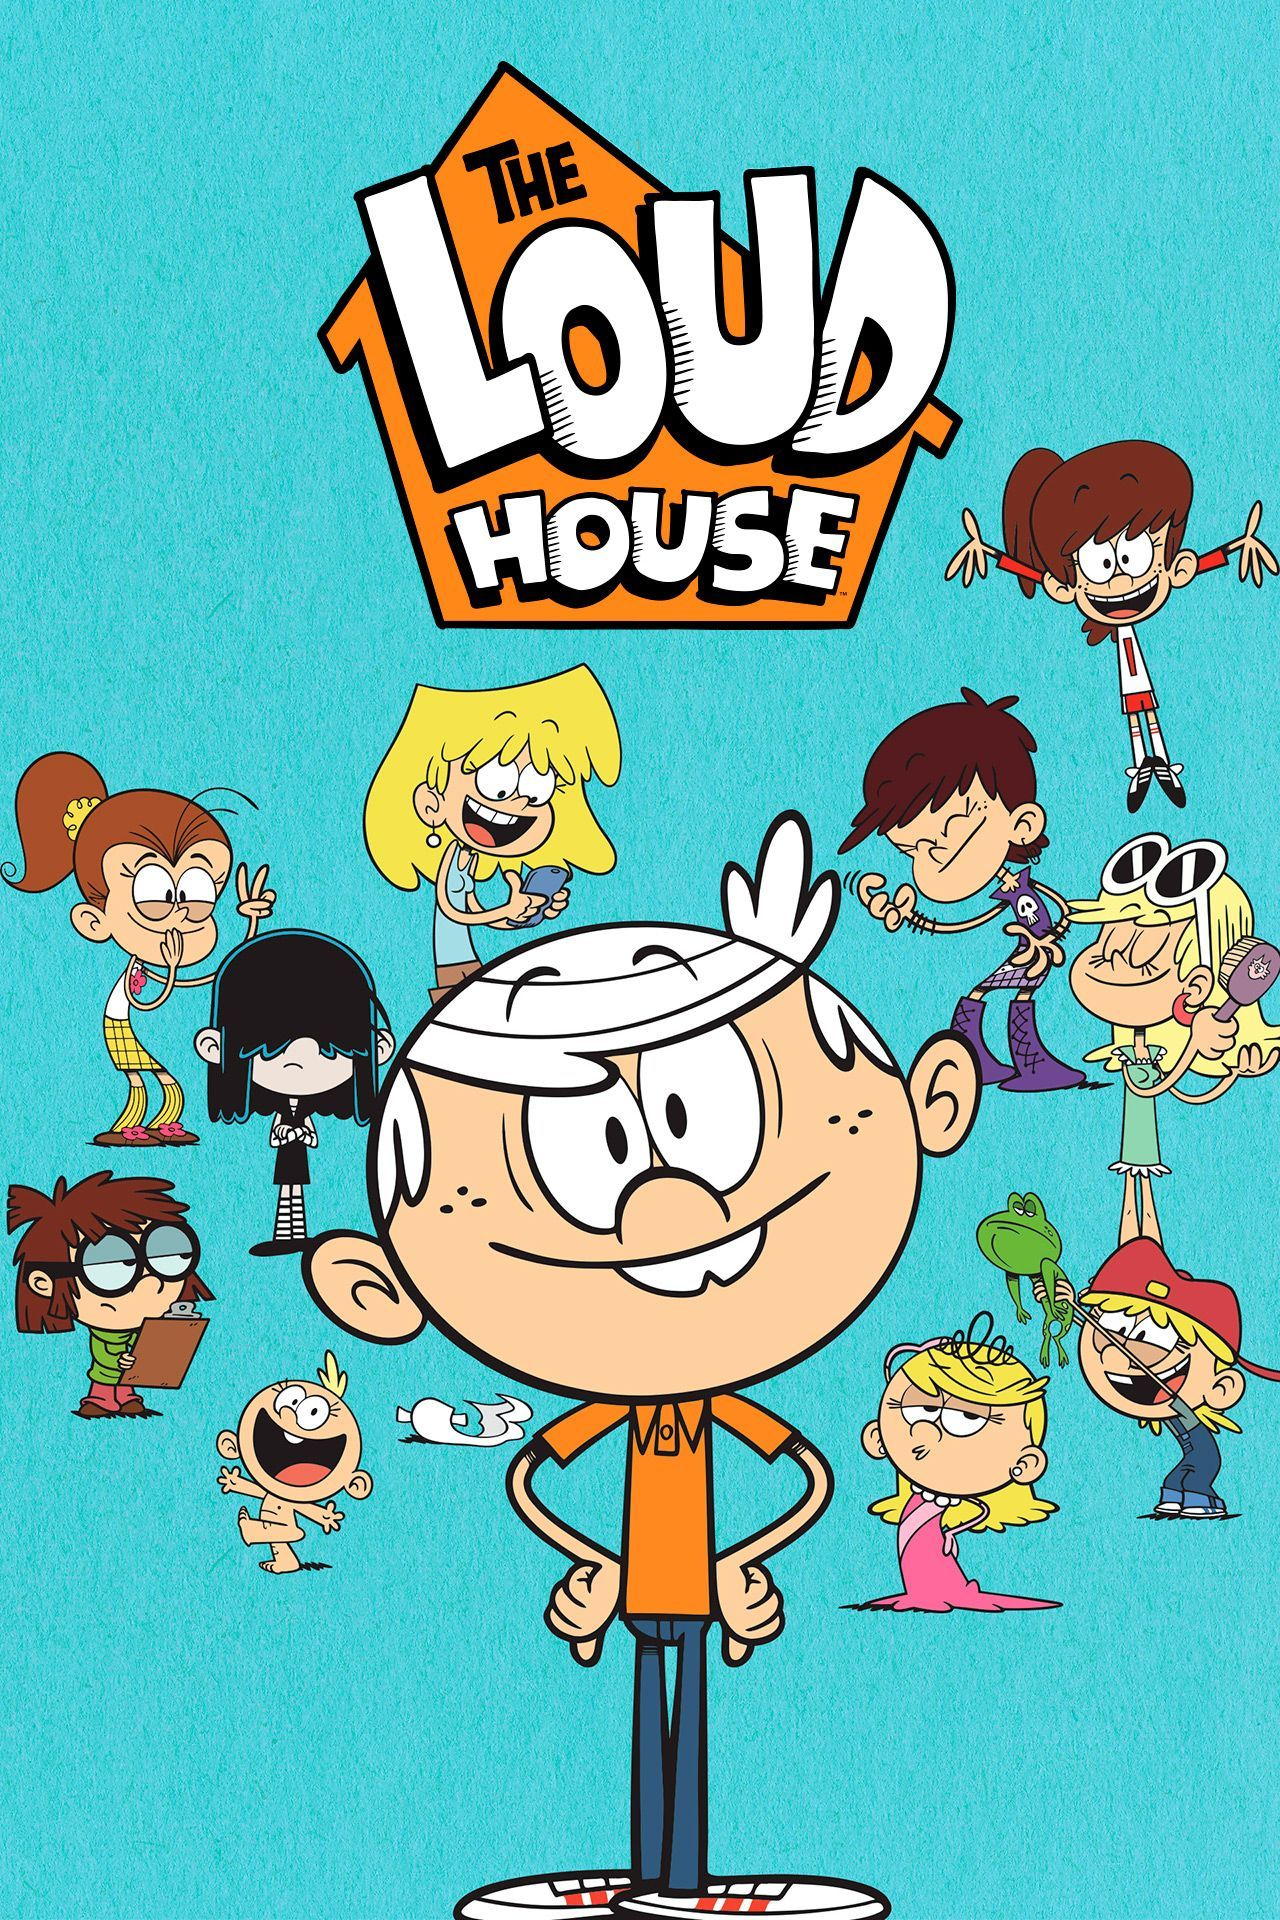 Nickelodeon Shows : nickelodeon, shows, Shows, Discover, Nickelodeon, House, Nickelodeon,, Cartoon, Characters,, Cartoons